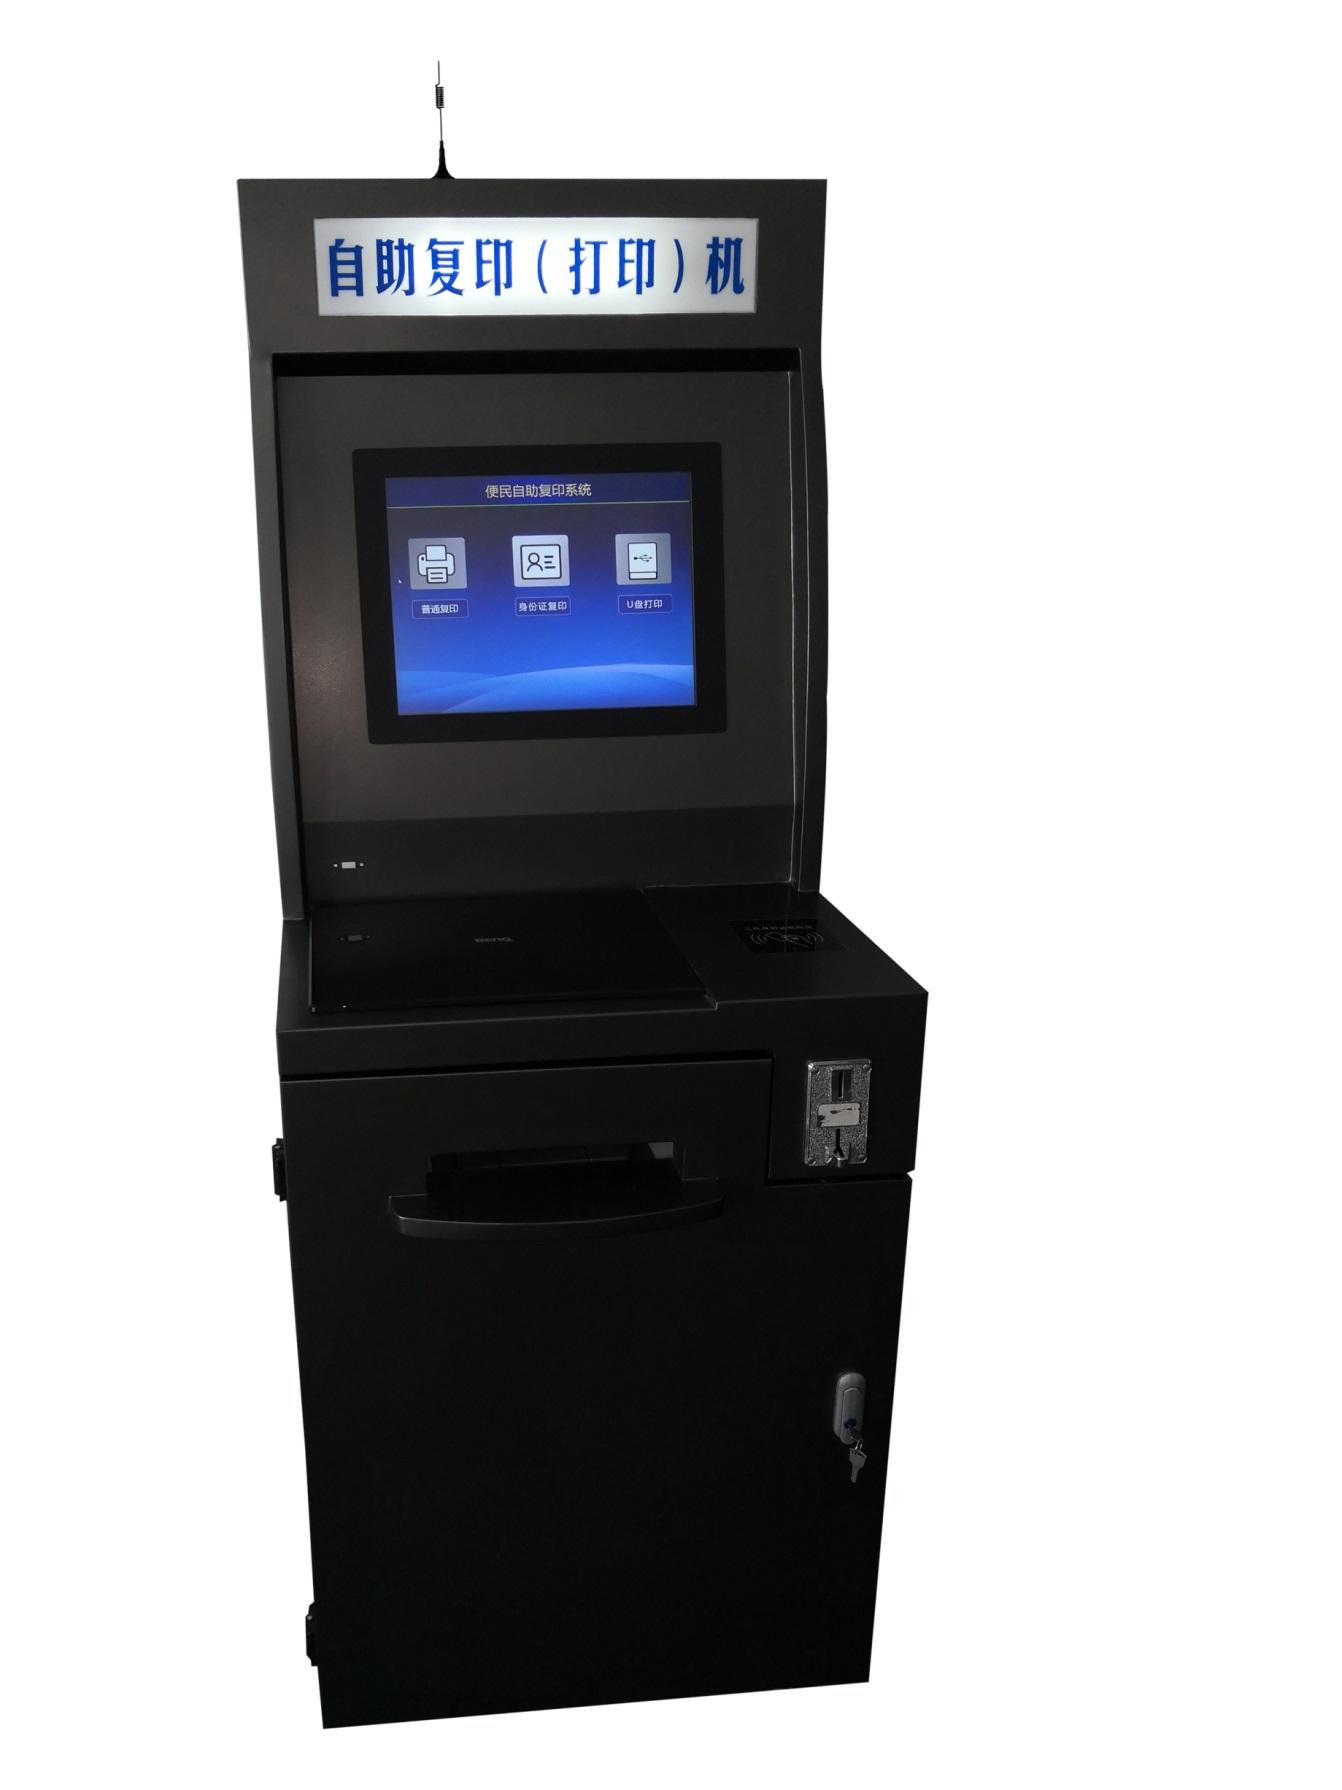 徐州自助打印机报价——江苏好用的自助打印机供应